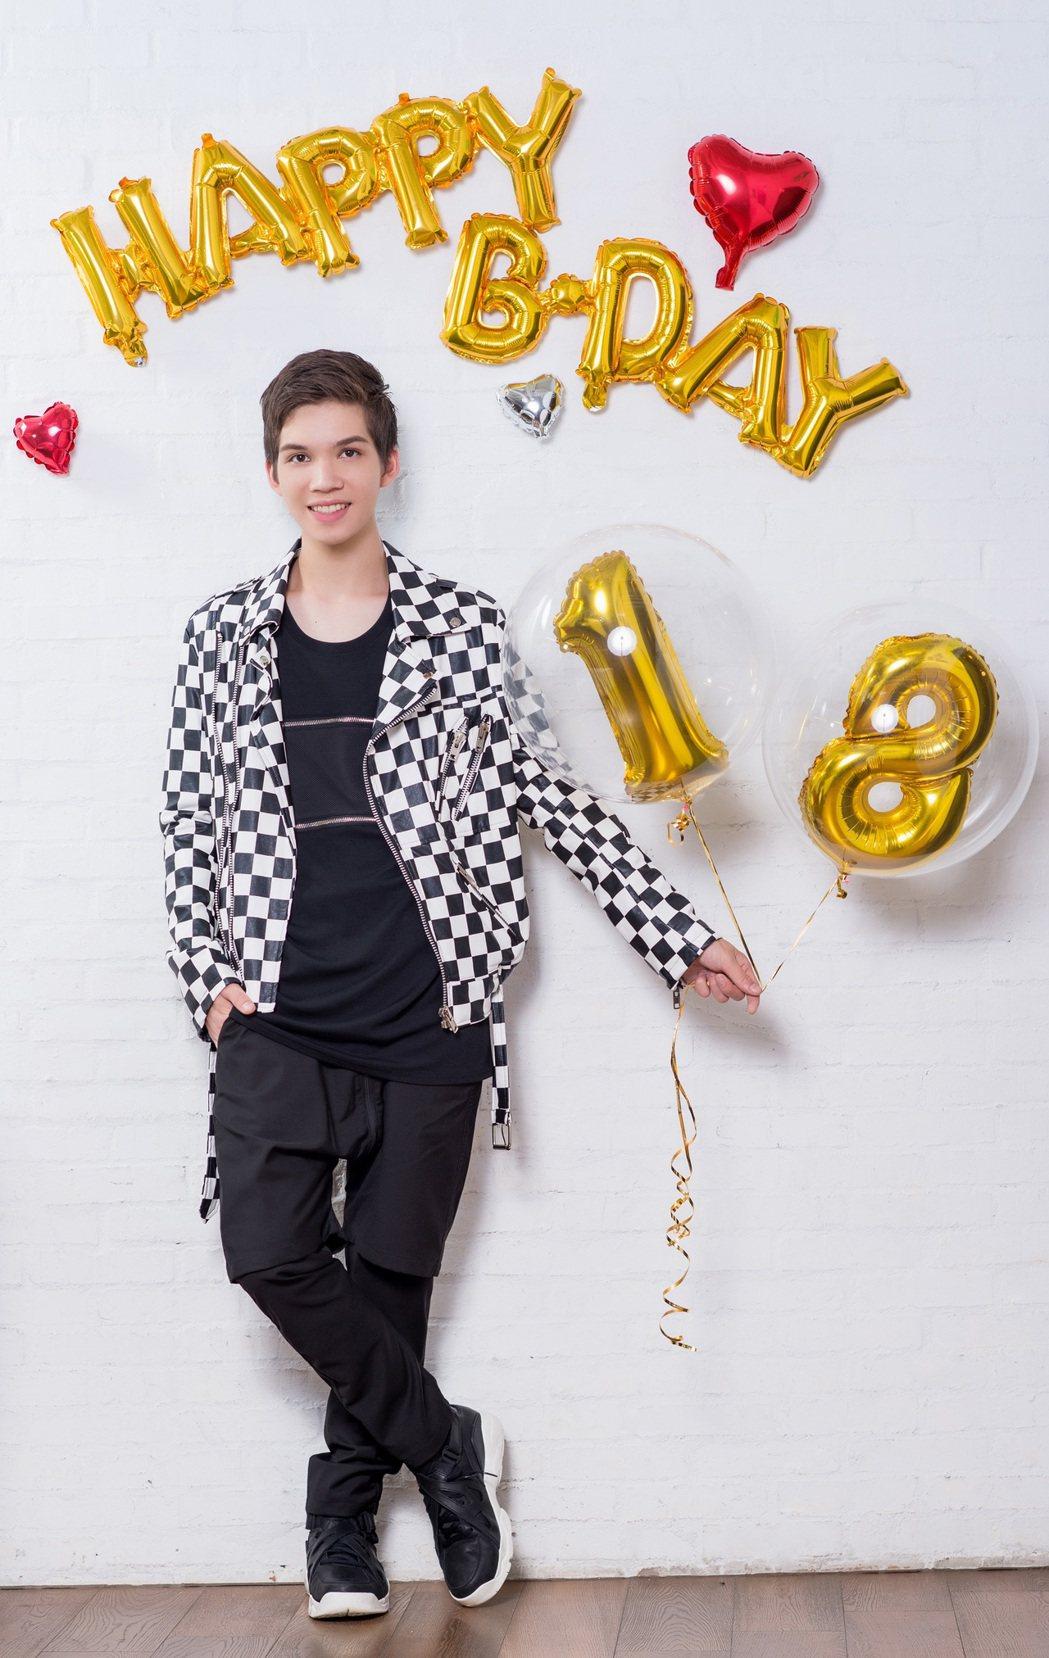 派偉俊歡慶18歲生日。圖/杰威爾提供